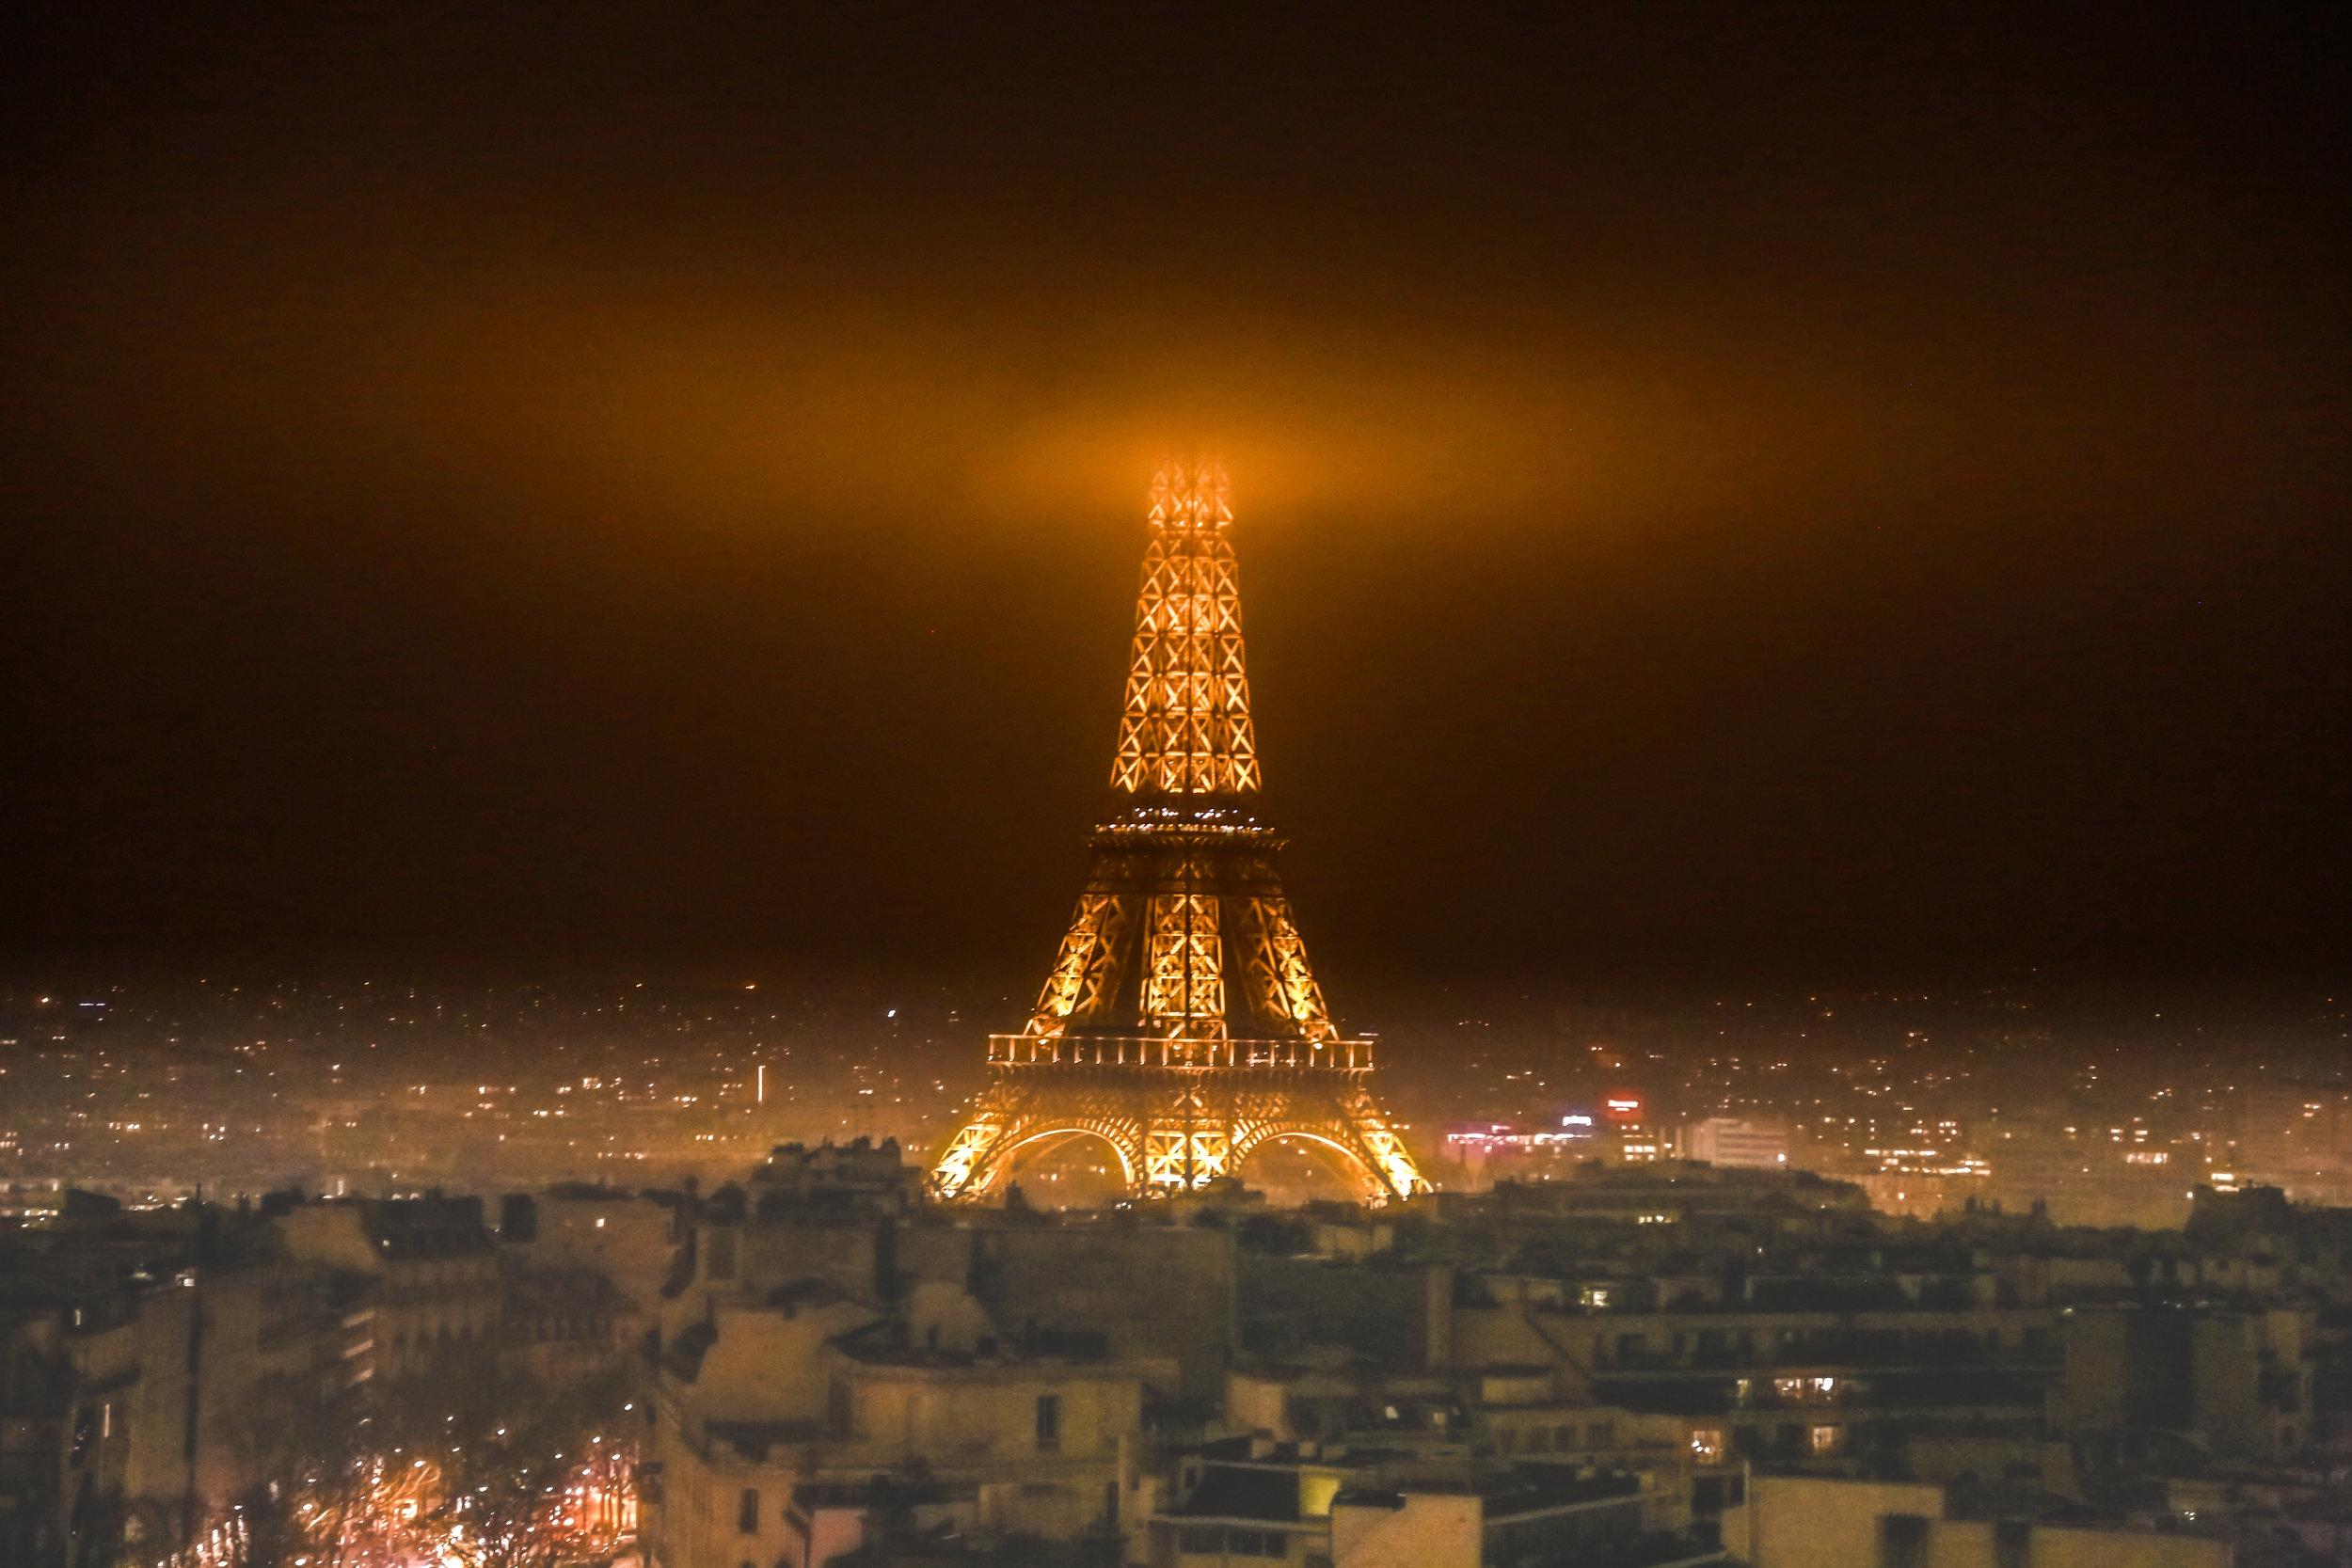 Eiffel_Tower_In_Fog.jpg